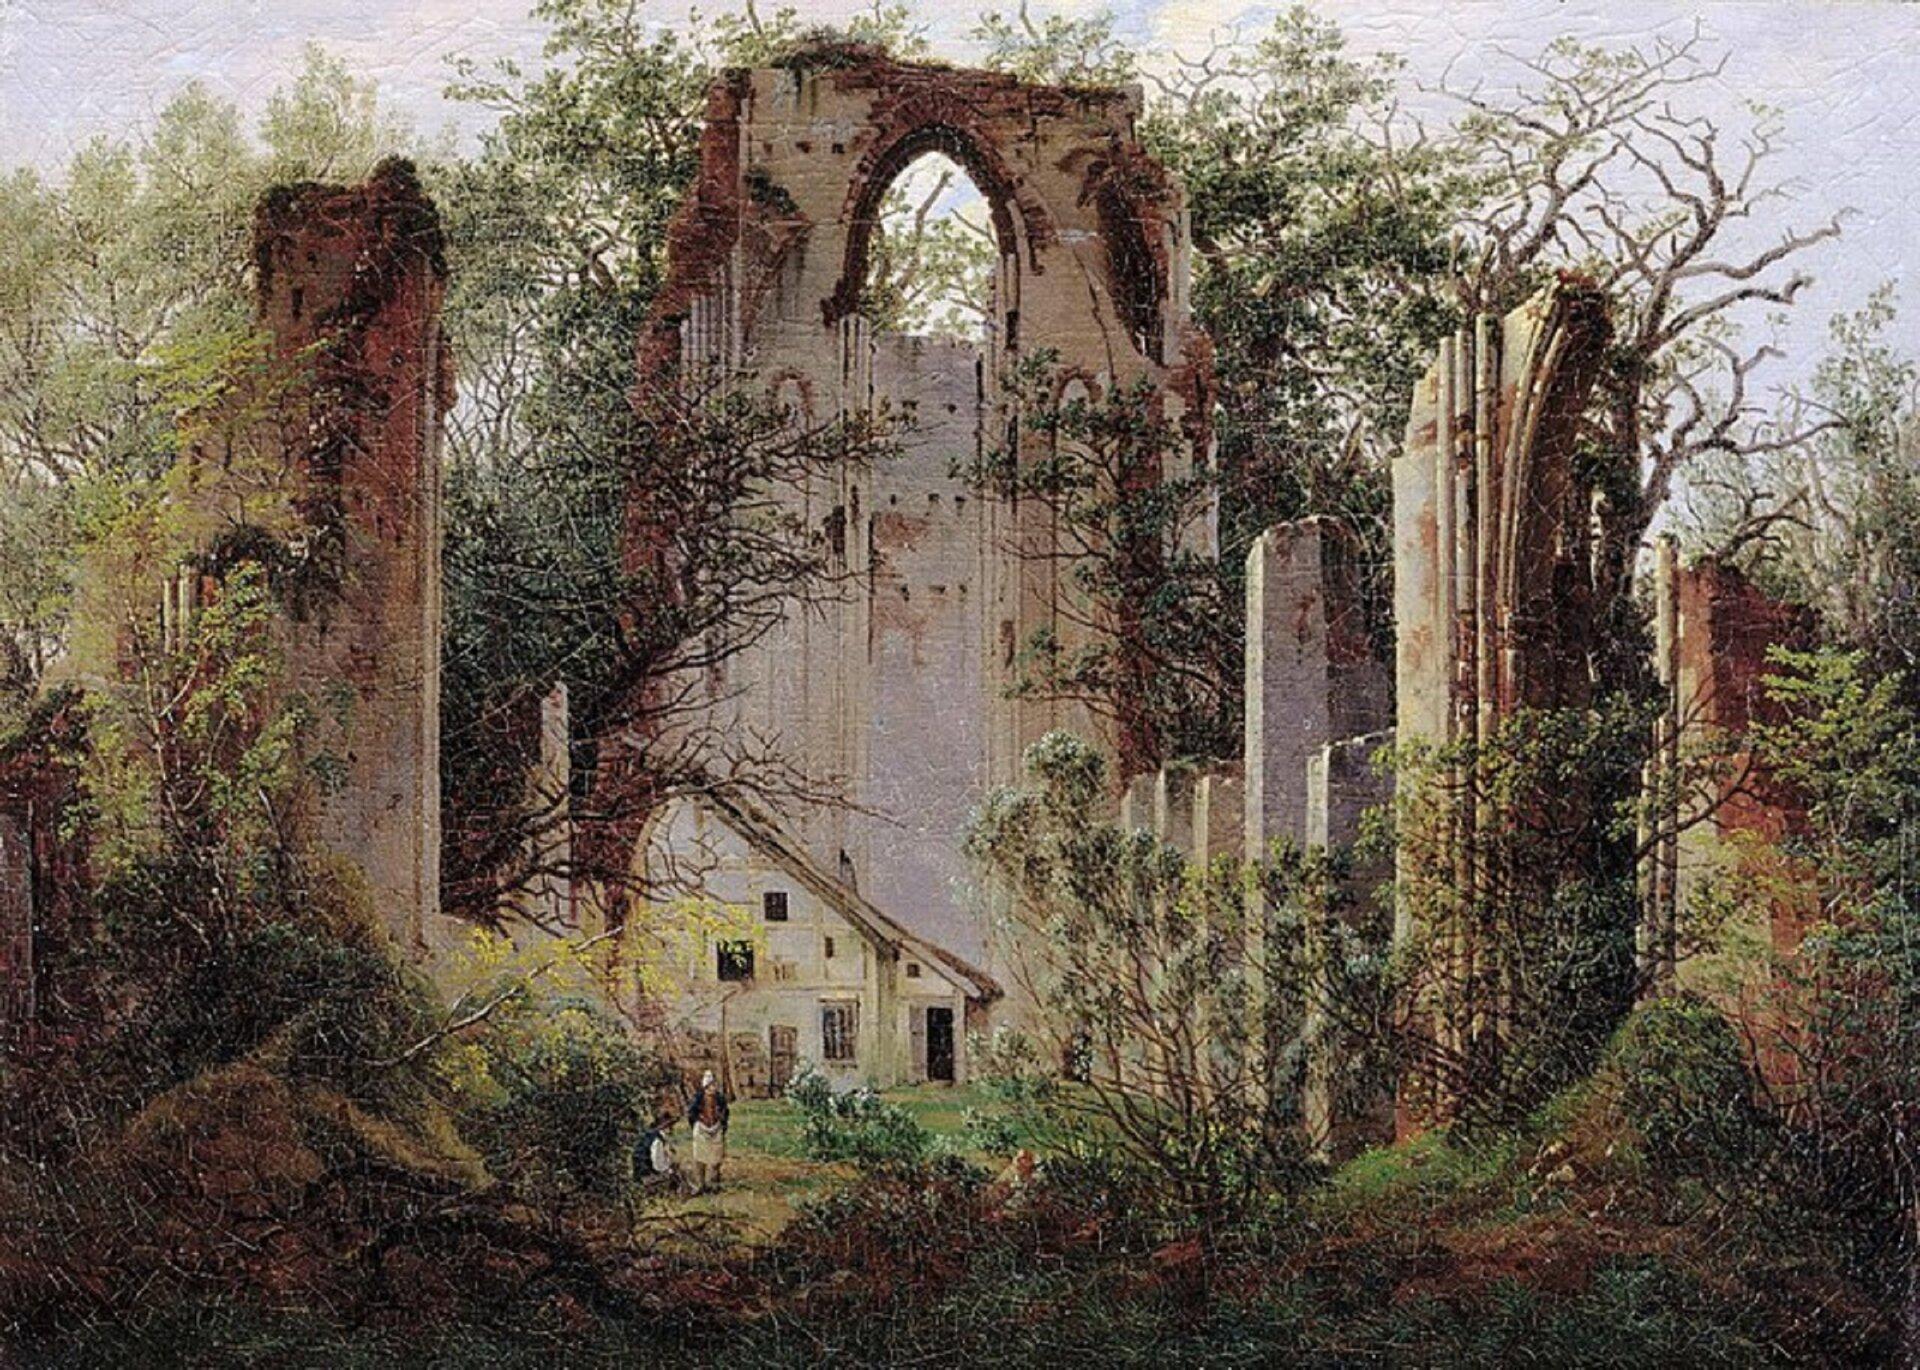 """Ilustracja okształcie poziomego prostokąta przedstawia obraz Caspara Davida Friedricha """"Ruiny klasztoru wEldenie"""". Ukazuje ruiny usytuowane wśród drzew ikrzewów. Są one wysokie, sterczą pionowo wgórę. Fragment ściany wcentrum posiada strzeliste okno wgórnej części. Przed nią stoi niewielki dom. Ruiny wypełniają prawie cały obraz, tworzą jedynie wgórnej partii  prześwit na fragment nieba."""